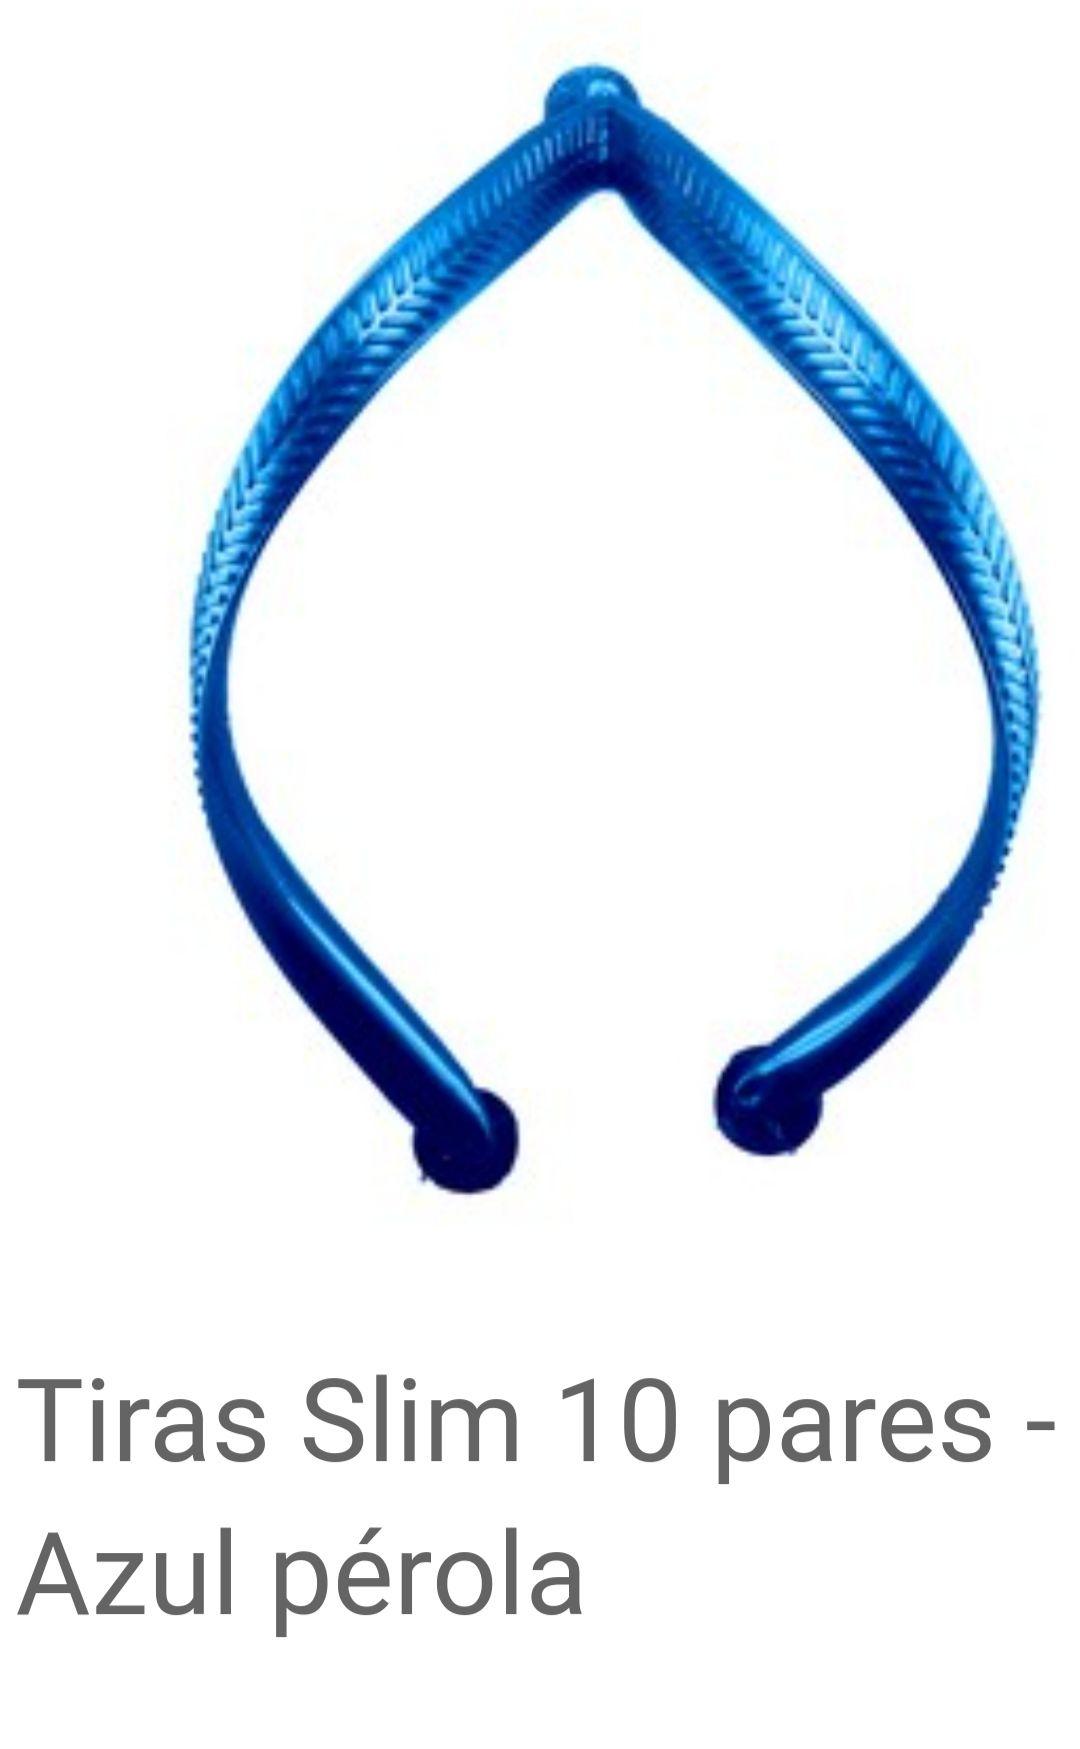 Tiras slim Azul Pérolado com 10 pares